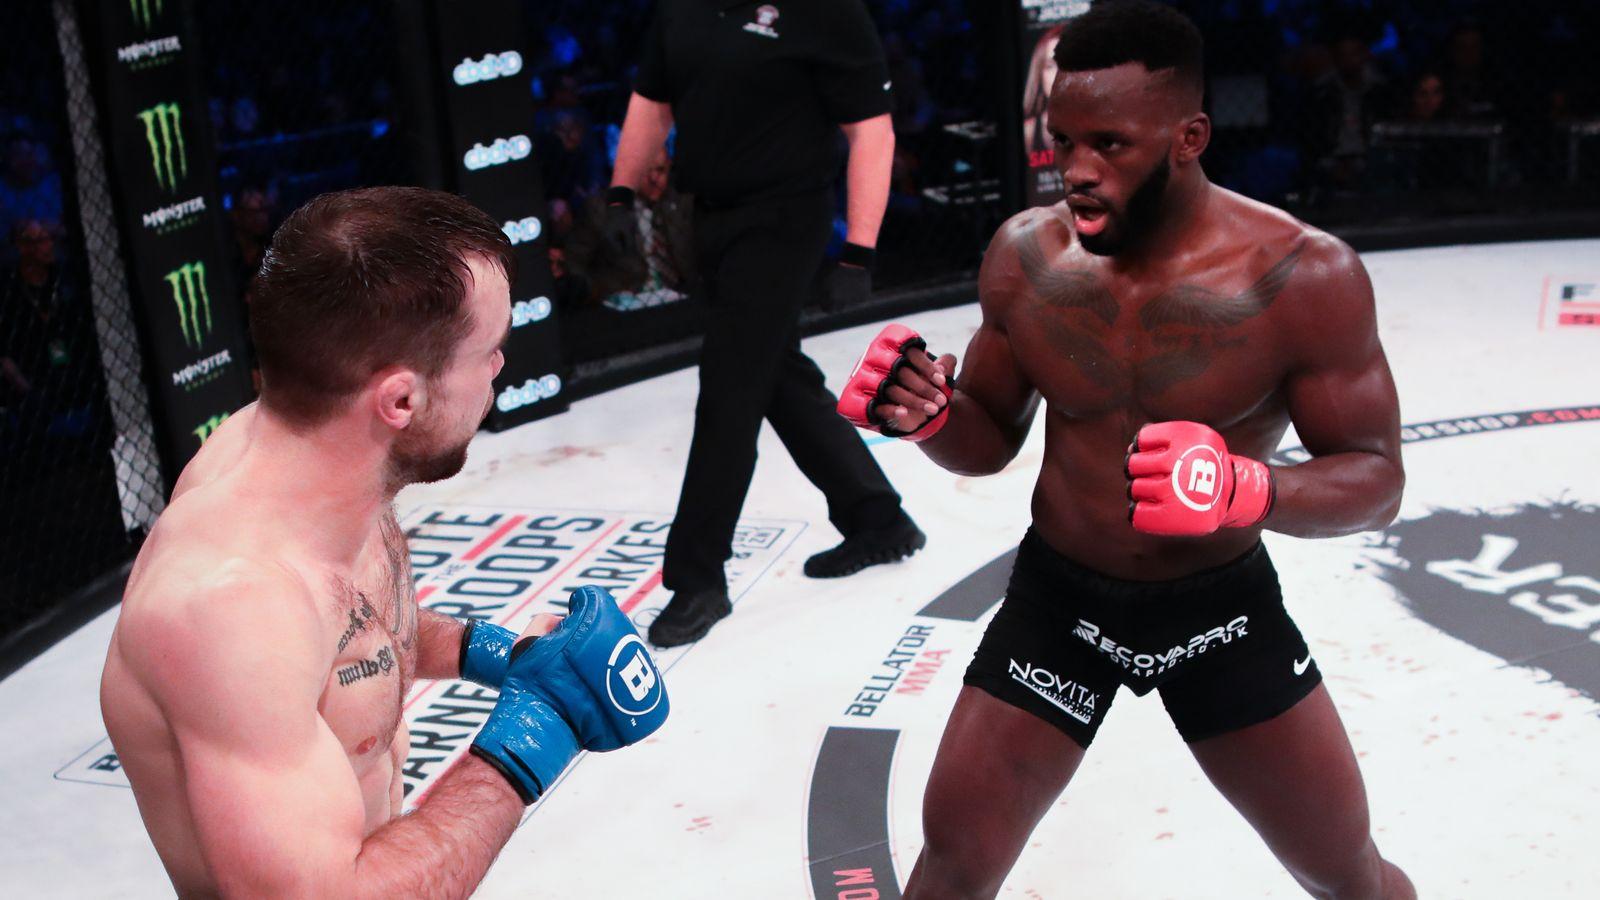 Cómo los luchadores de Bellator MMA se mantienen en forma durante el bloqueo de coronavirus | Noticias MMA 54